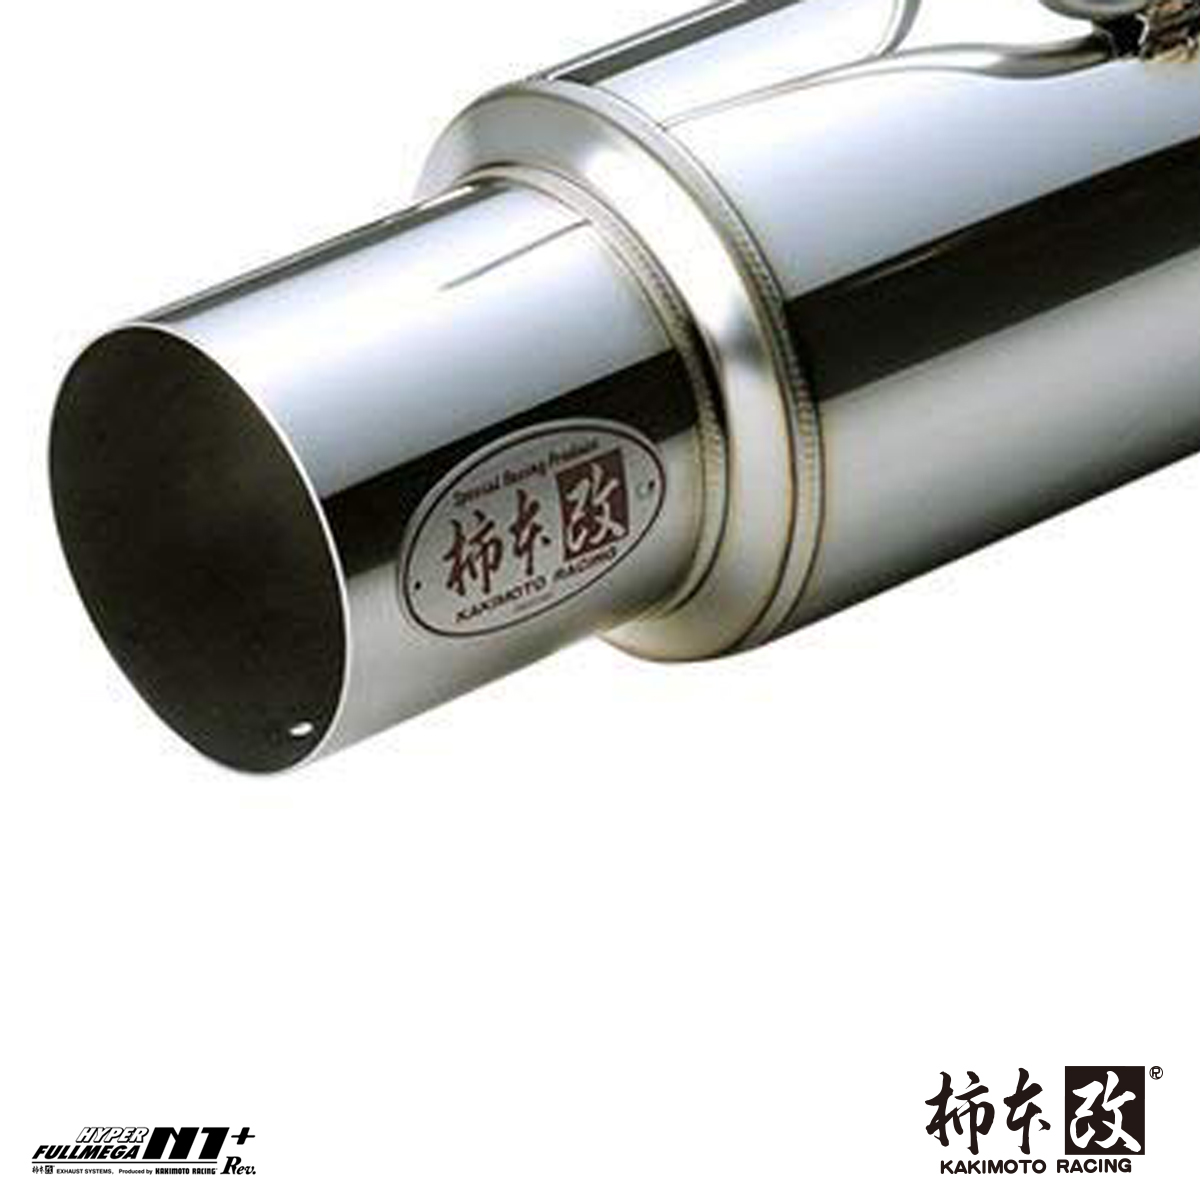 柿本 改 スカイライン ECR33 マフラー ハイパーフルメガN1+Rev. 品番 N31307 KAKIMOTO RACING:カーパーツ専門店BoooN(ブーン)